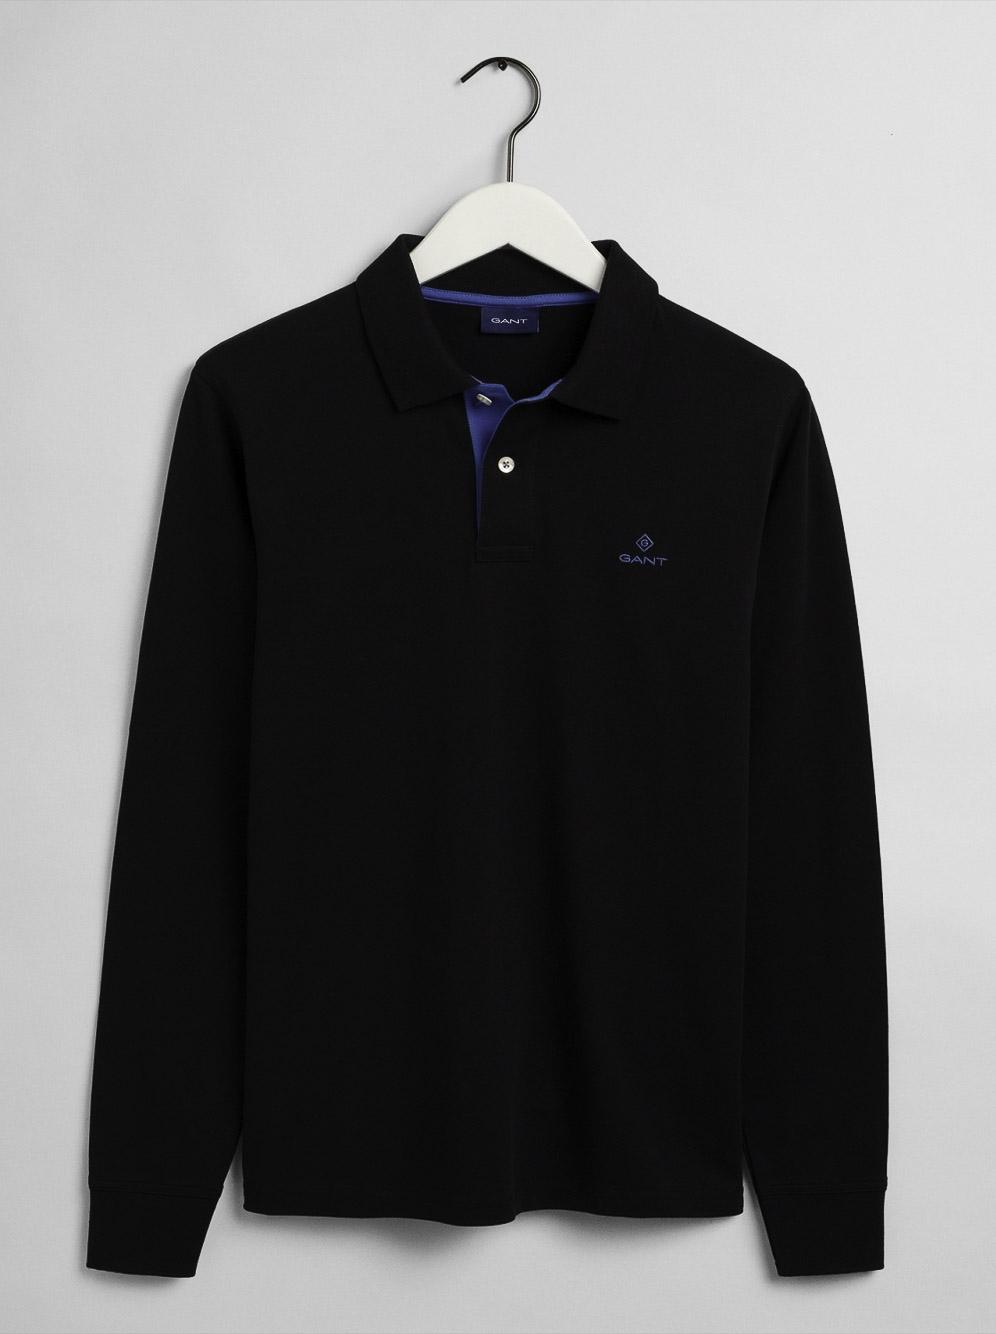 GANT Μπλούζα Polo 3G2055003-5 ΜΑΥΡΟ